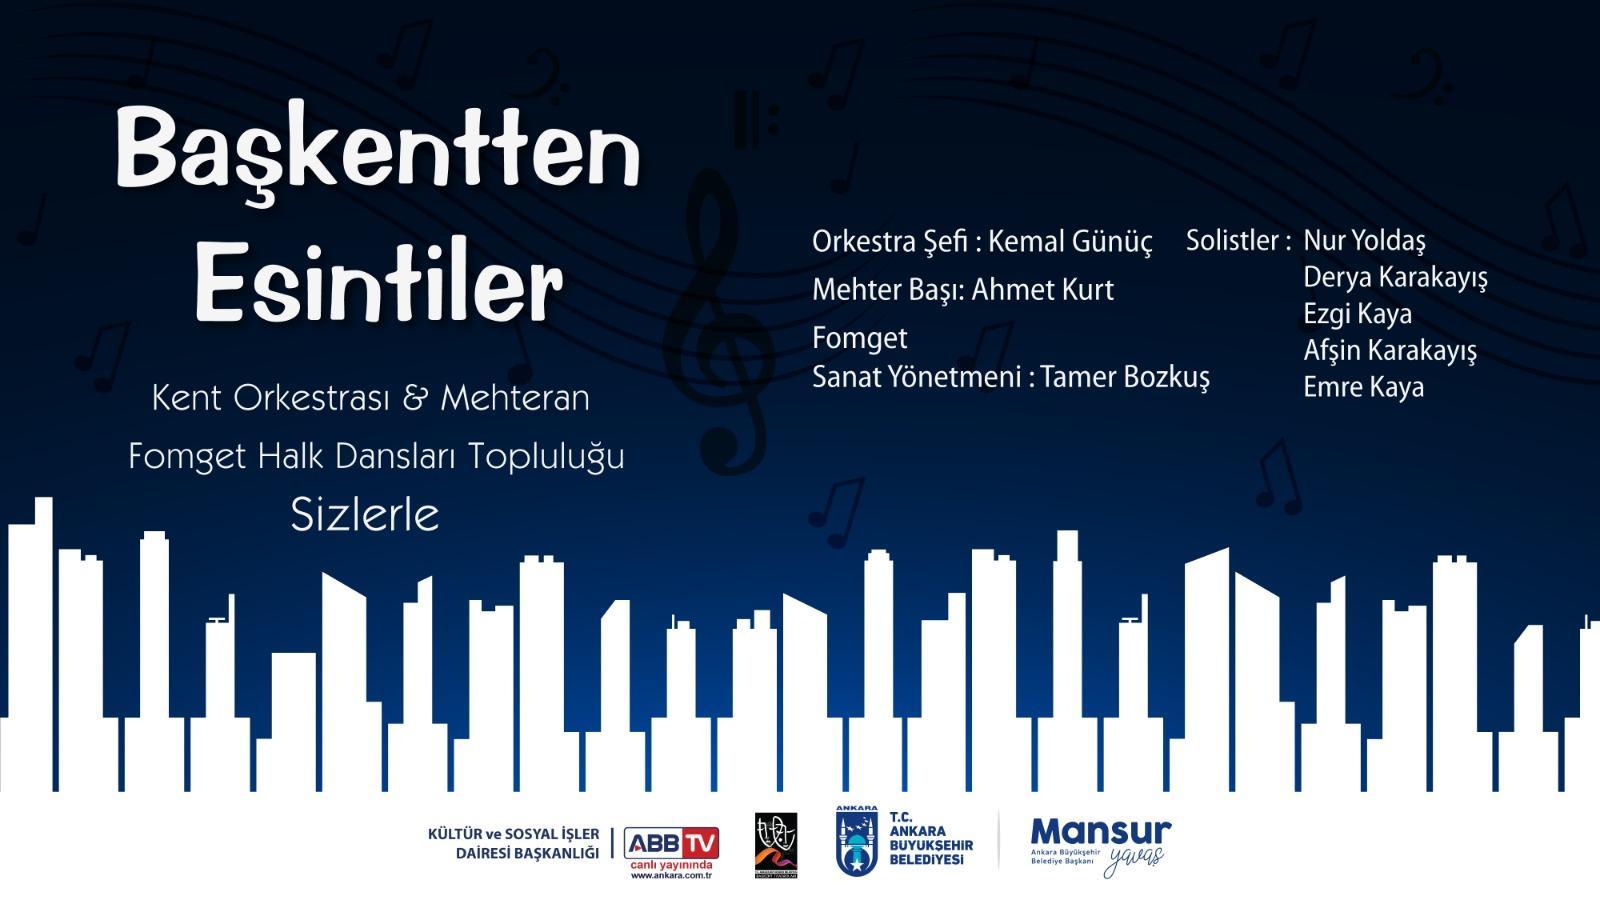 Başkentten Esintiler Kent Orkestrası & Mehteran Fomget Halk Dansları Topluluğu Sizlerle